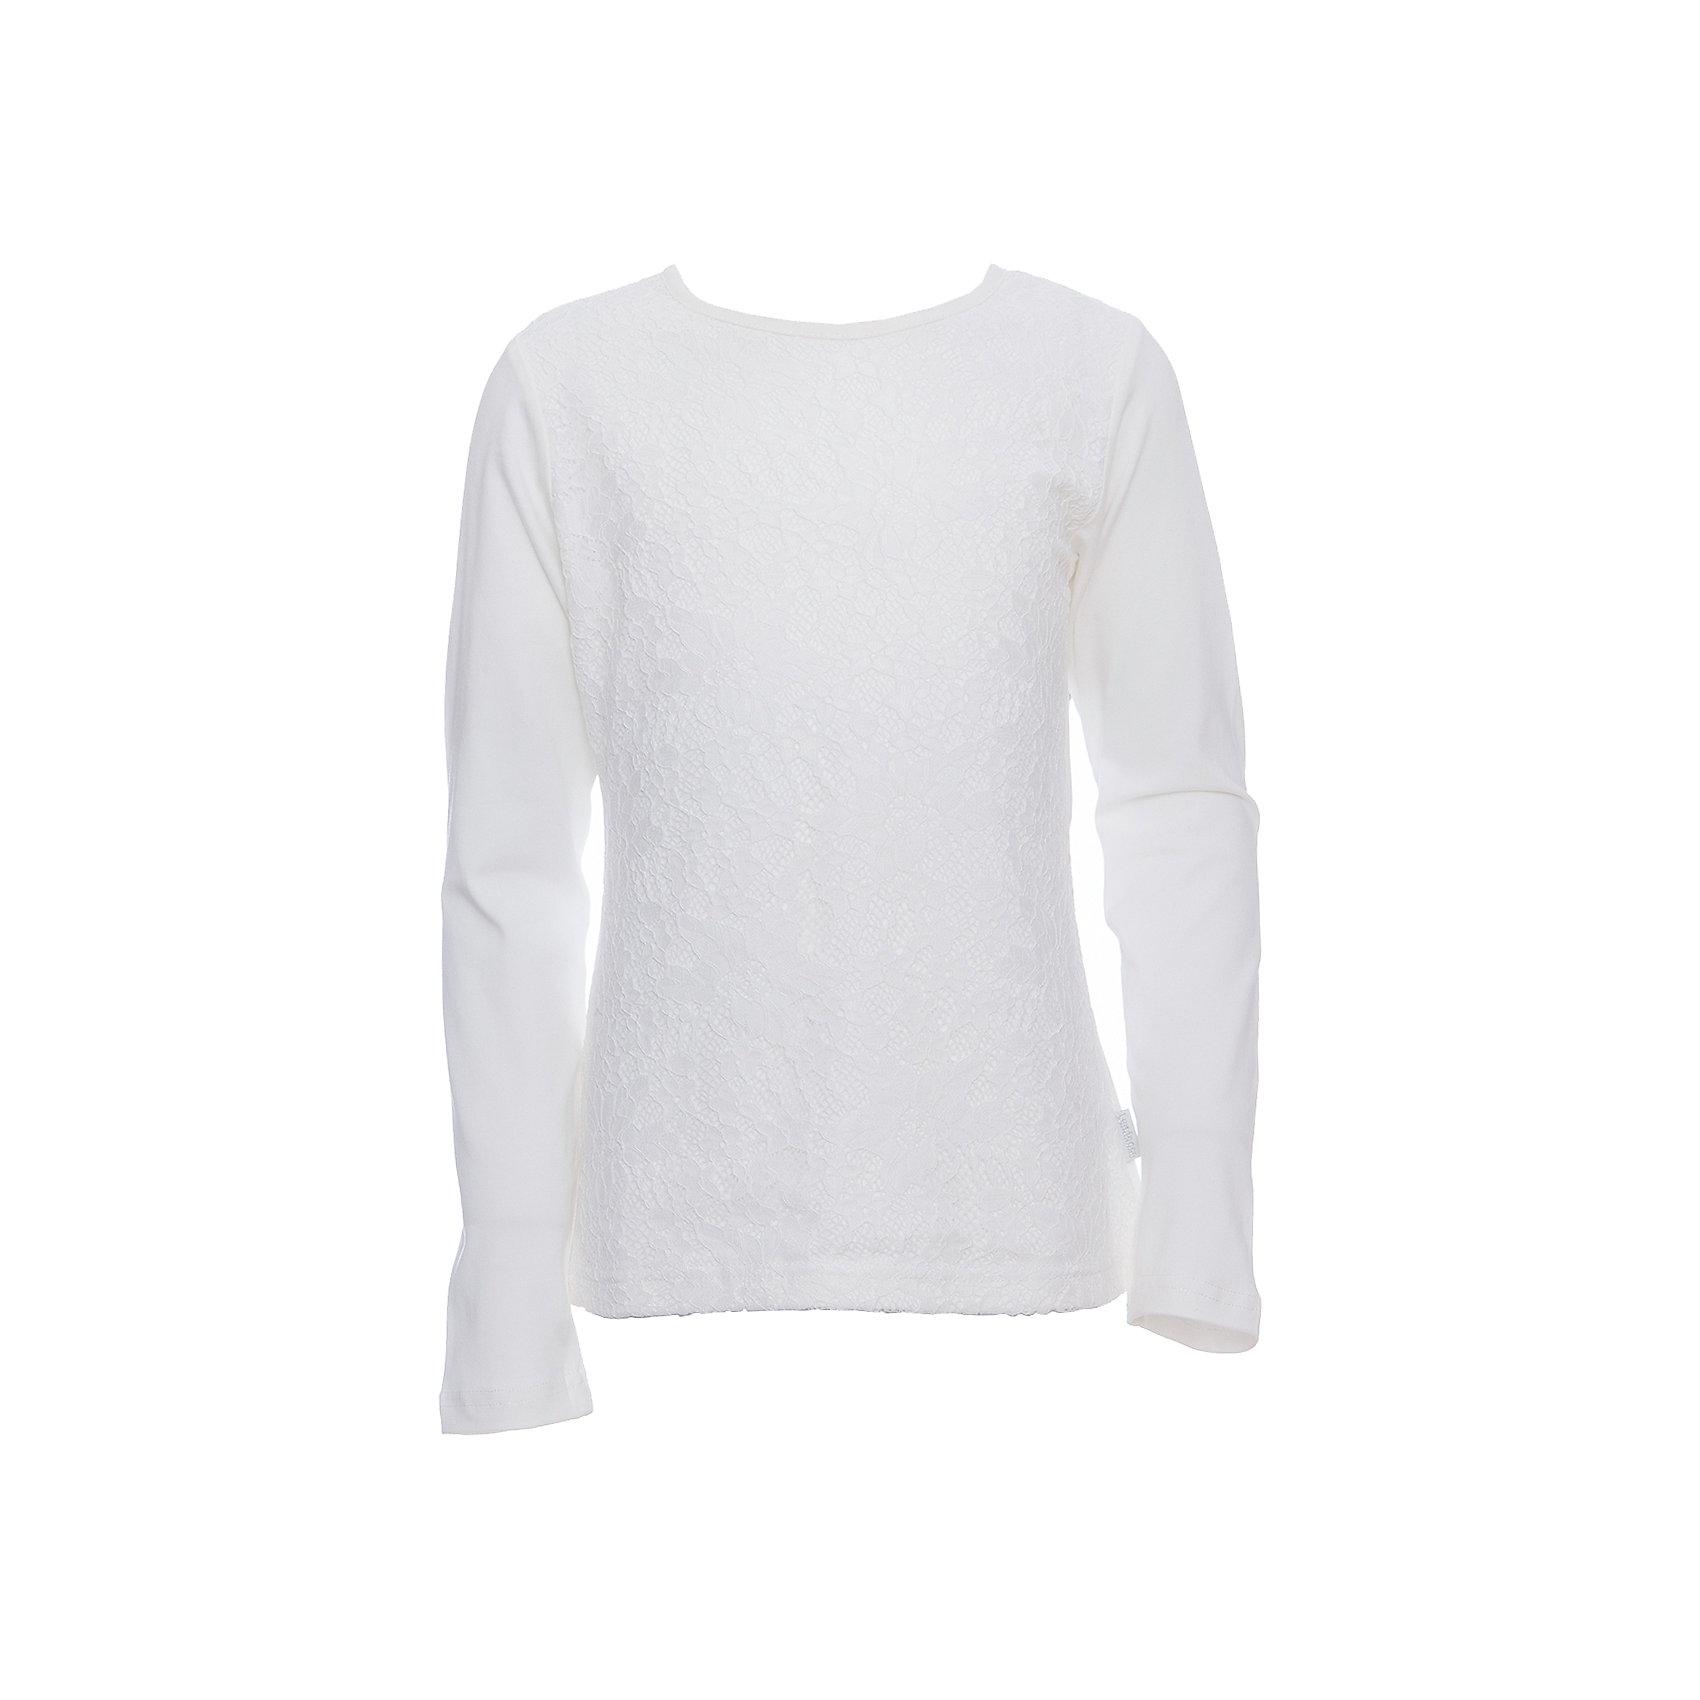 Футболка с длинным рукавом для девочки LuminosoБлузки и рубашки<br>Характеристики товара:<br><br>• цвет: молочный;<br>• состав: 95% хлопок, 5% эластан;<br>• сезон: демисезон;<br>• особенности: школьная, с кружевом;<br>• застежка: пуговка на спине;<br>• с длинным рукавом;<br>• спереди декорирована кружевом;<br>• страна бренда: Россия;<br>• страна производства: Китай.<br><br>Школьная блузка с длинным рукавом для девочки. Молочная трикотажная блузка застегивается на пуговку на спине. Блузка декорирована кружевом.<br><br>Блузка для девочки Luminoso (Люминосо) можно купить в нашем интернет-магазине.<br><br>Ширина мм: 186<br>Глубина мм: 87<br>Высота мм: 198<br>Вес г: 197<br>Цвет: белый<br>Возраст от месяцев: 120<br>Возраст до месяцев: 132<br>Пол: Женский<br>Возраст: Детский<br>Размер: 146,164,122,128,134,140,152,158<br>SKU: 6673004